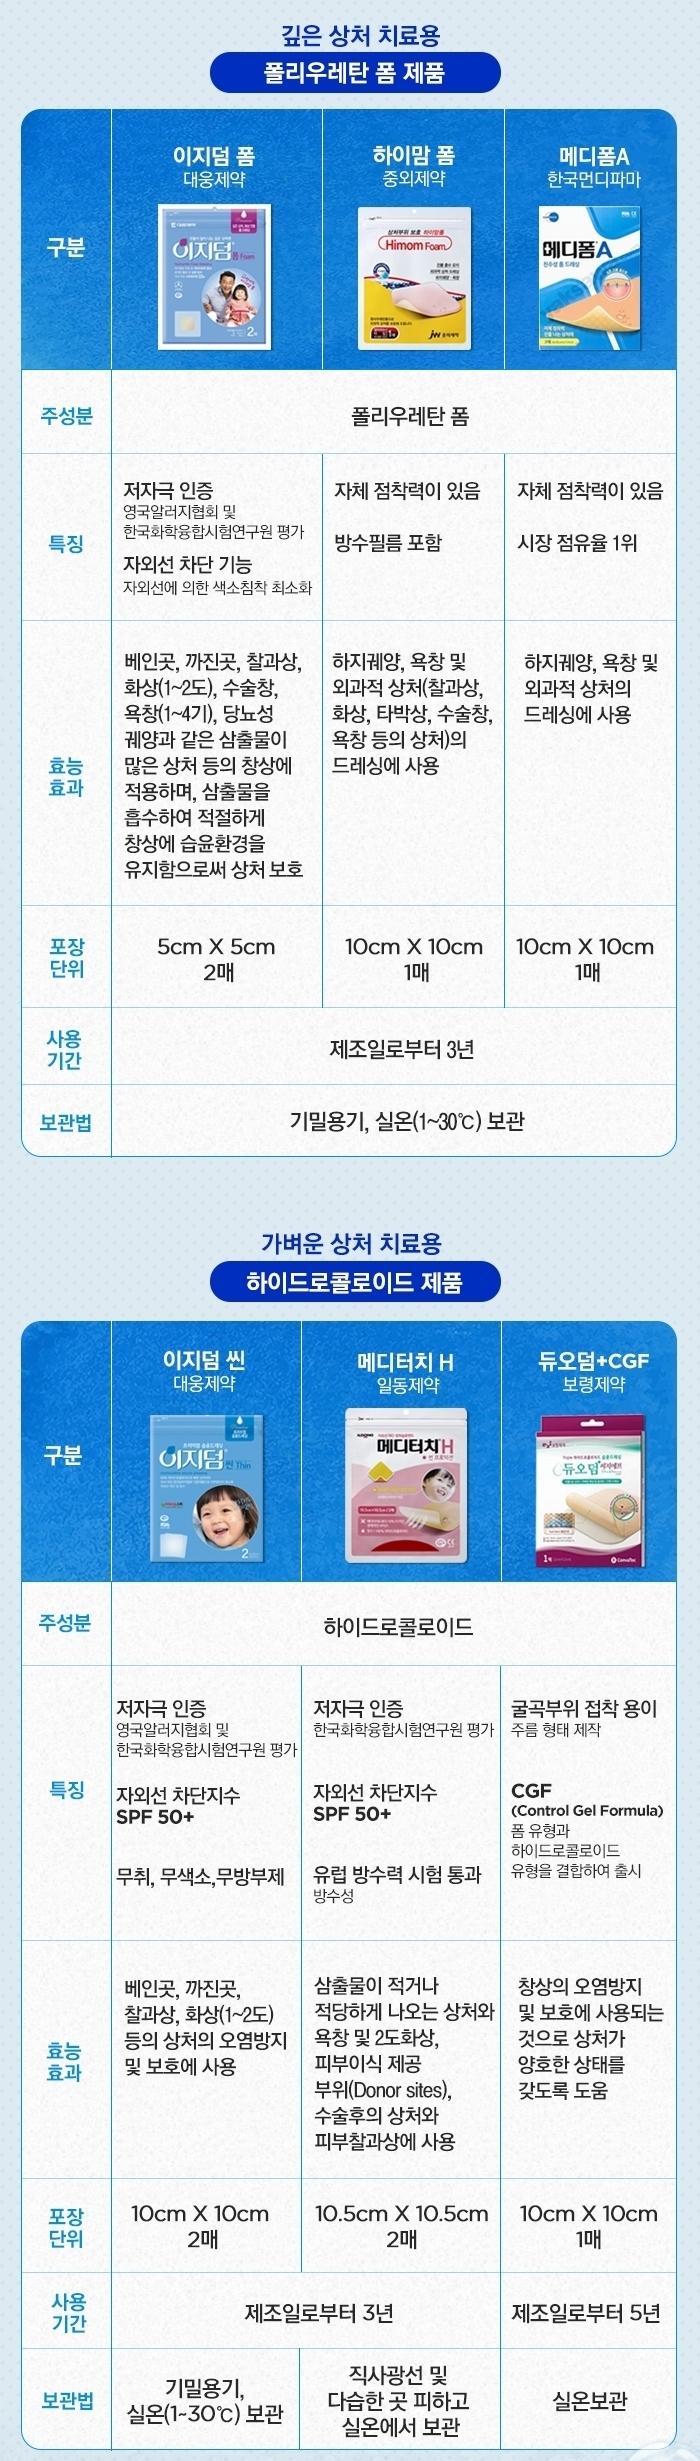 습윤밴드 제품 상세 정보